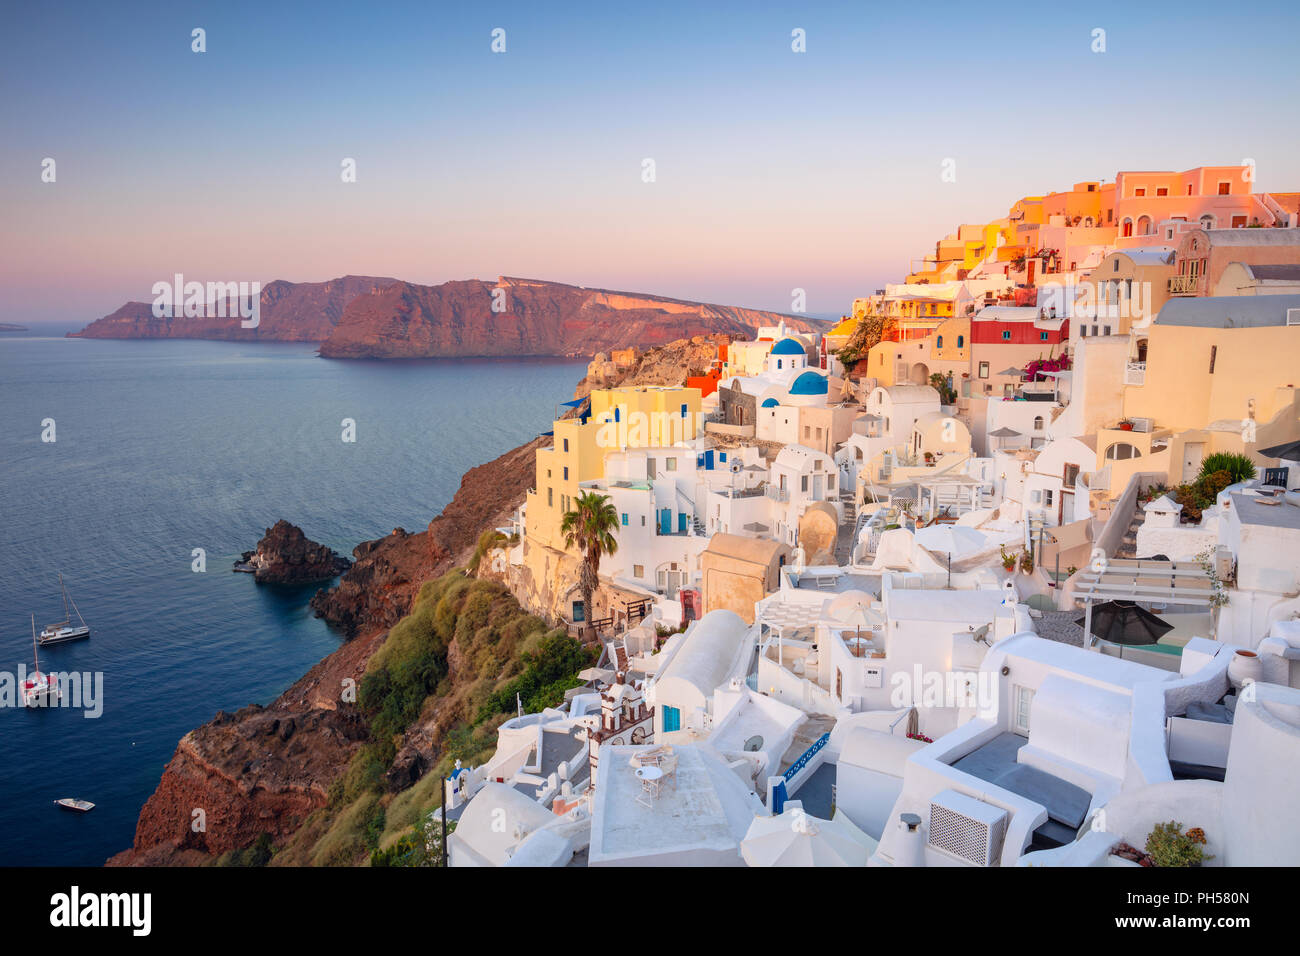 Oia, Santorin. Image du célèbre village de Oia situés à l'une des Cyclades île de Santorin, le sud de la mer Egée, en Grèce. Photo Stock